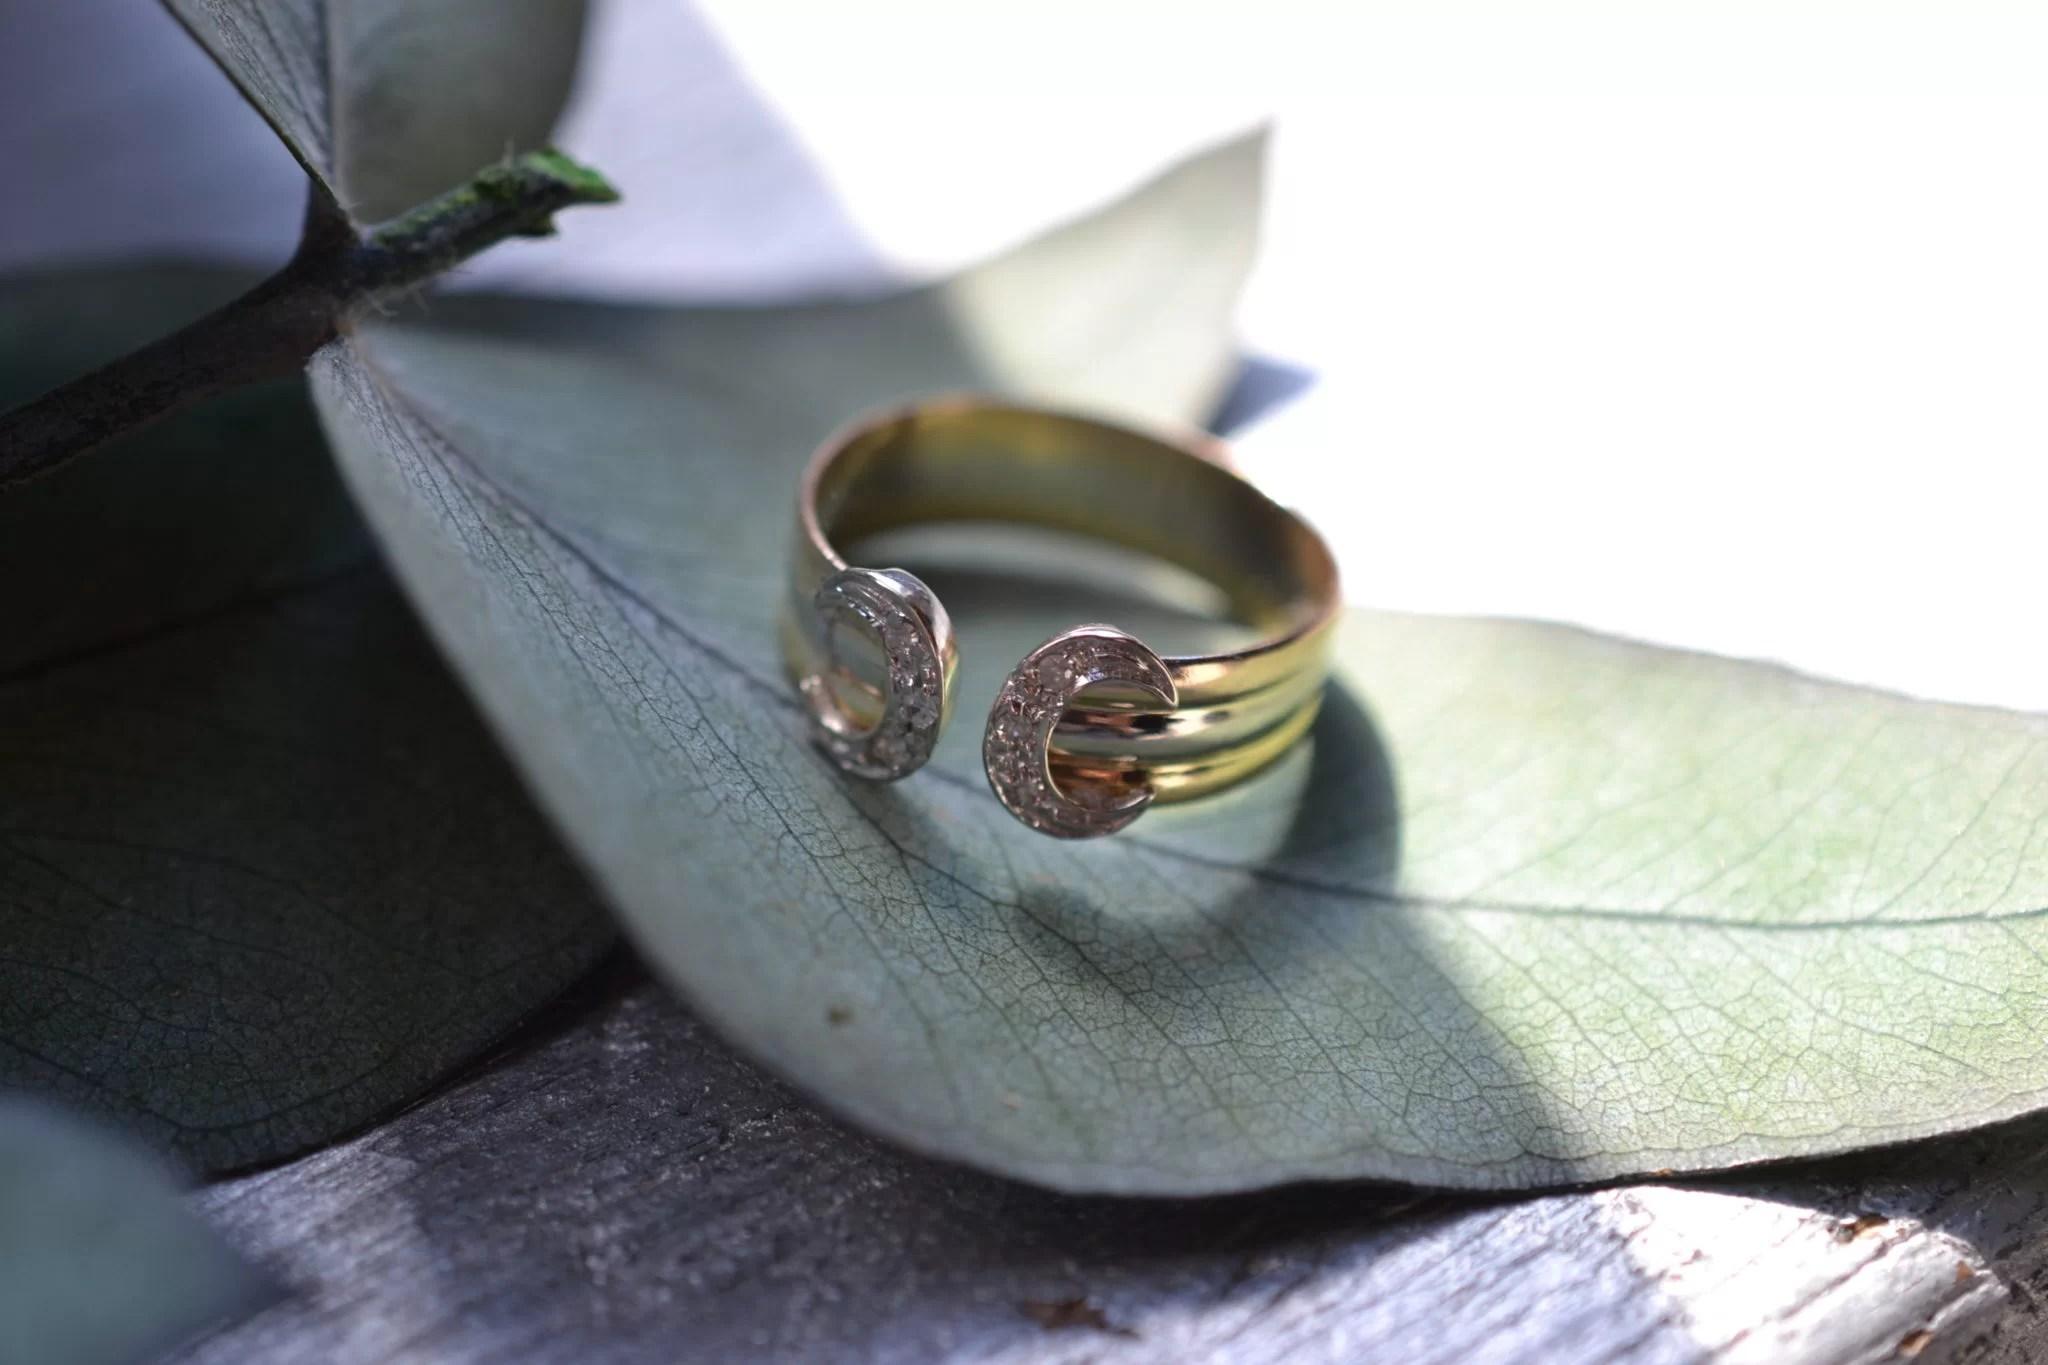 Bague fer à cheval façon cartier petites roses de diamants - bijoux en OR 18 carats - bijoux anciens - noircarat.fr